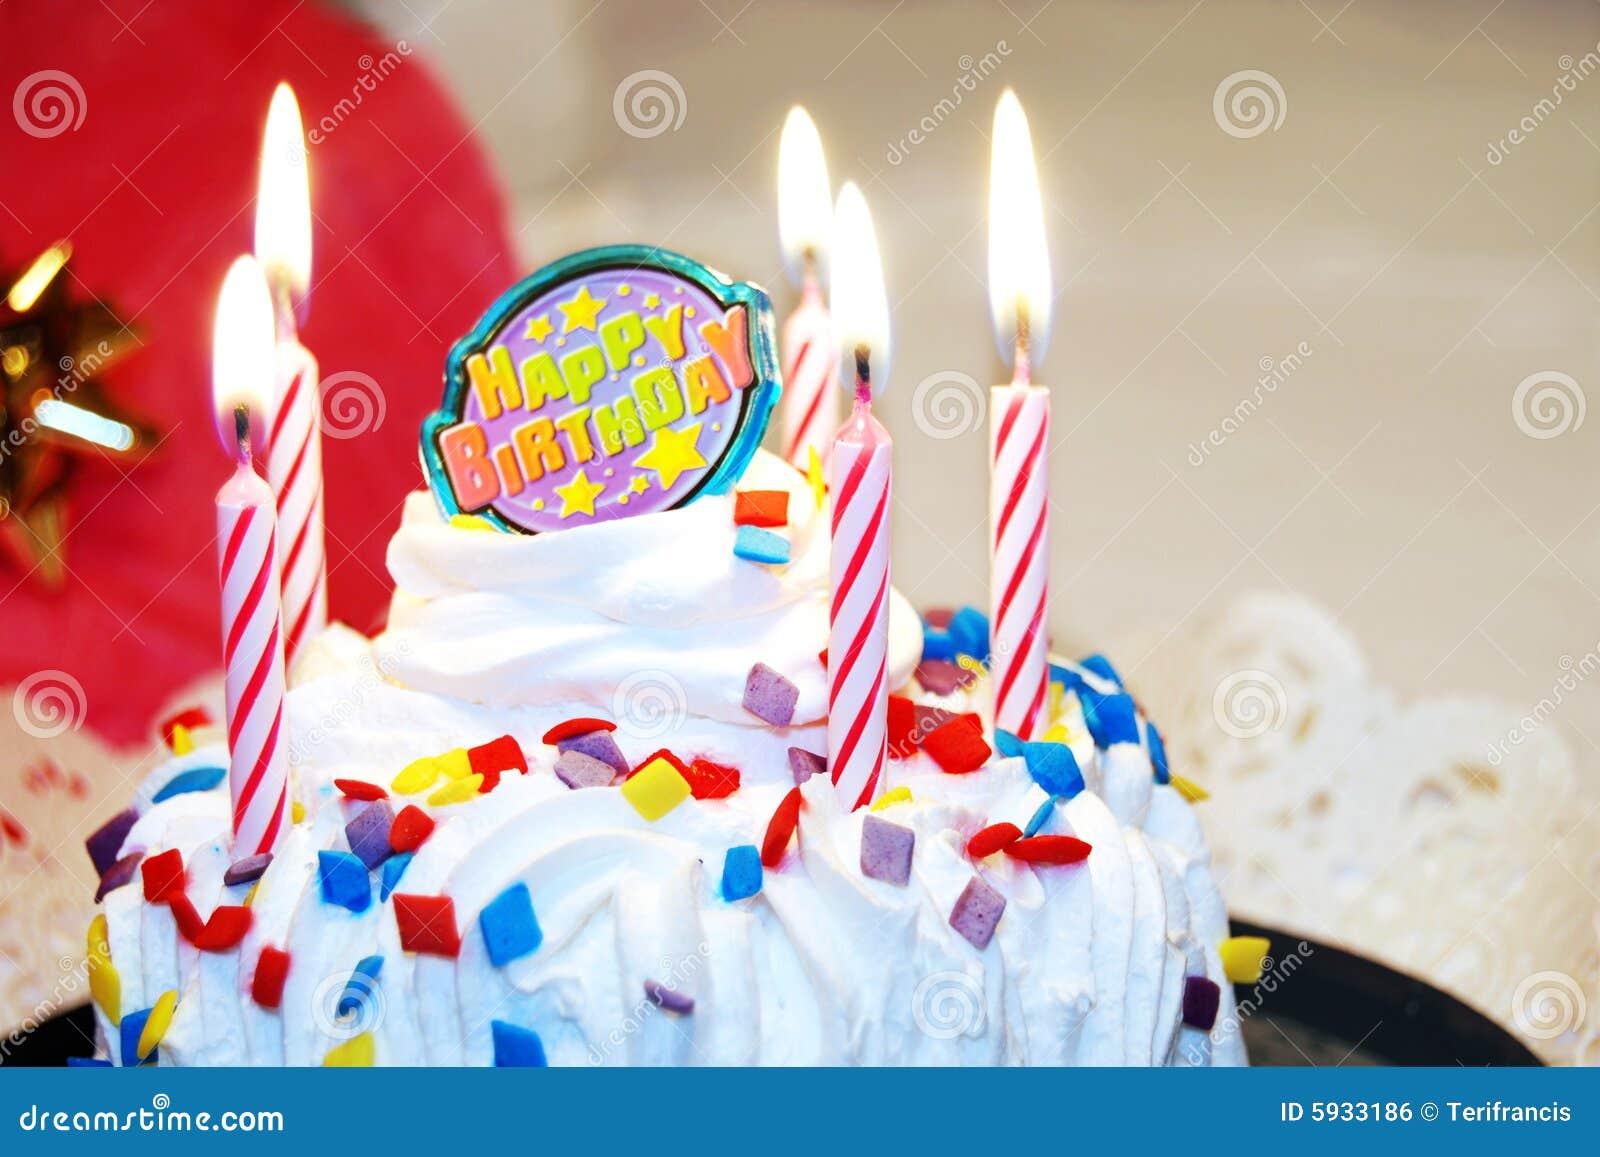 Alles- Gute zum Geburtstagkuchen mit Kerzen